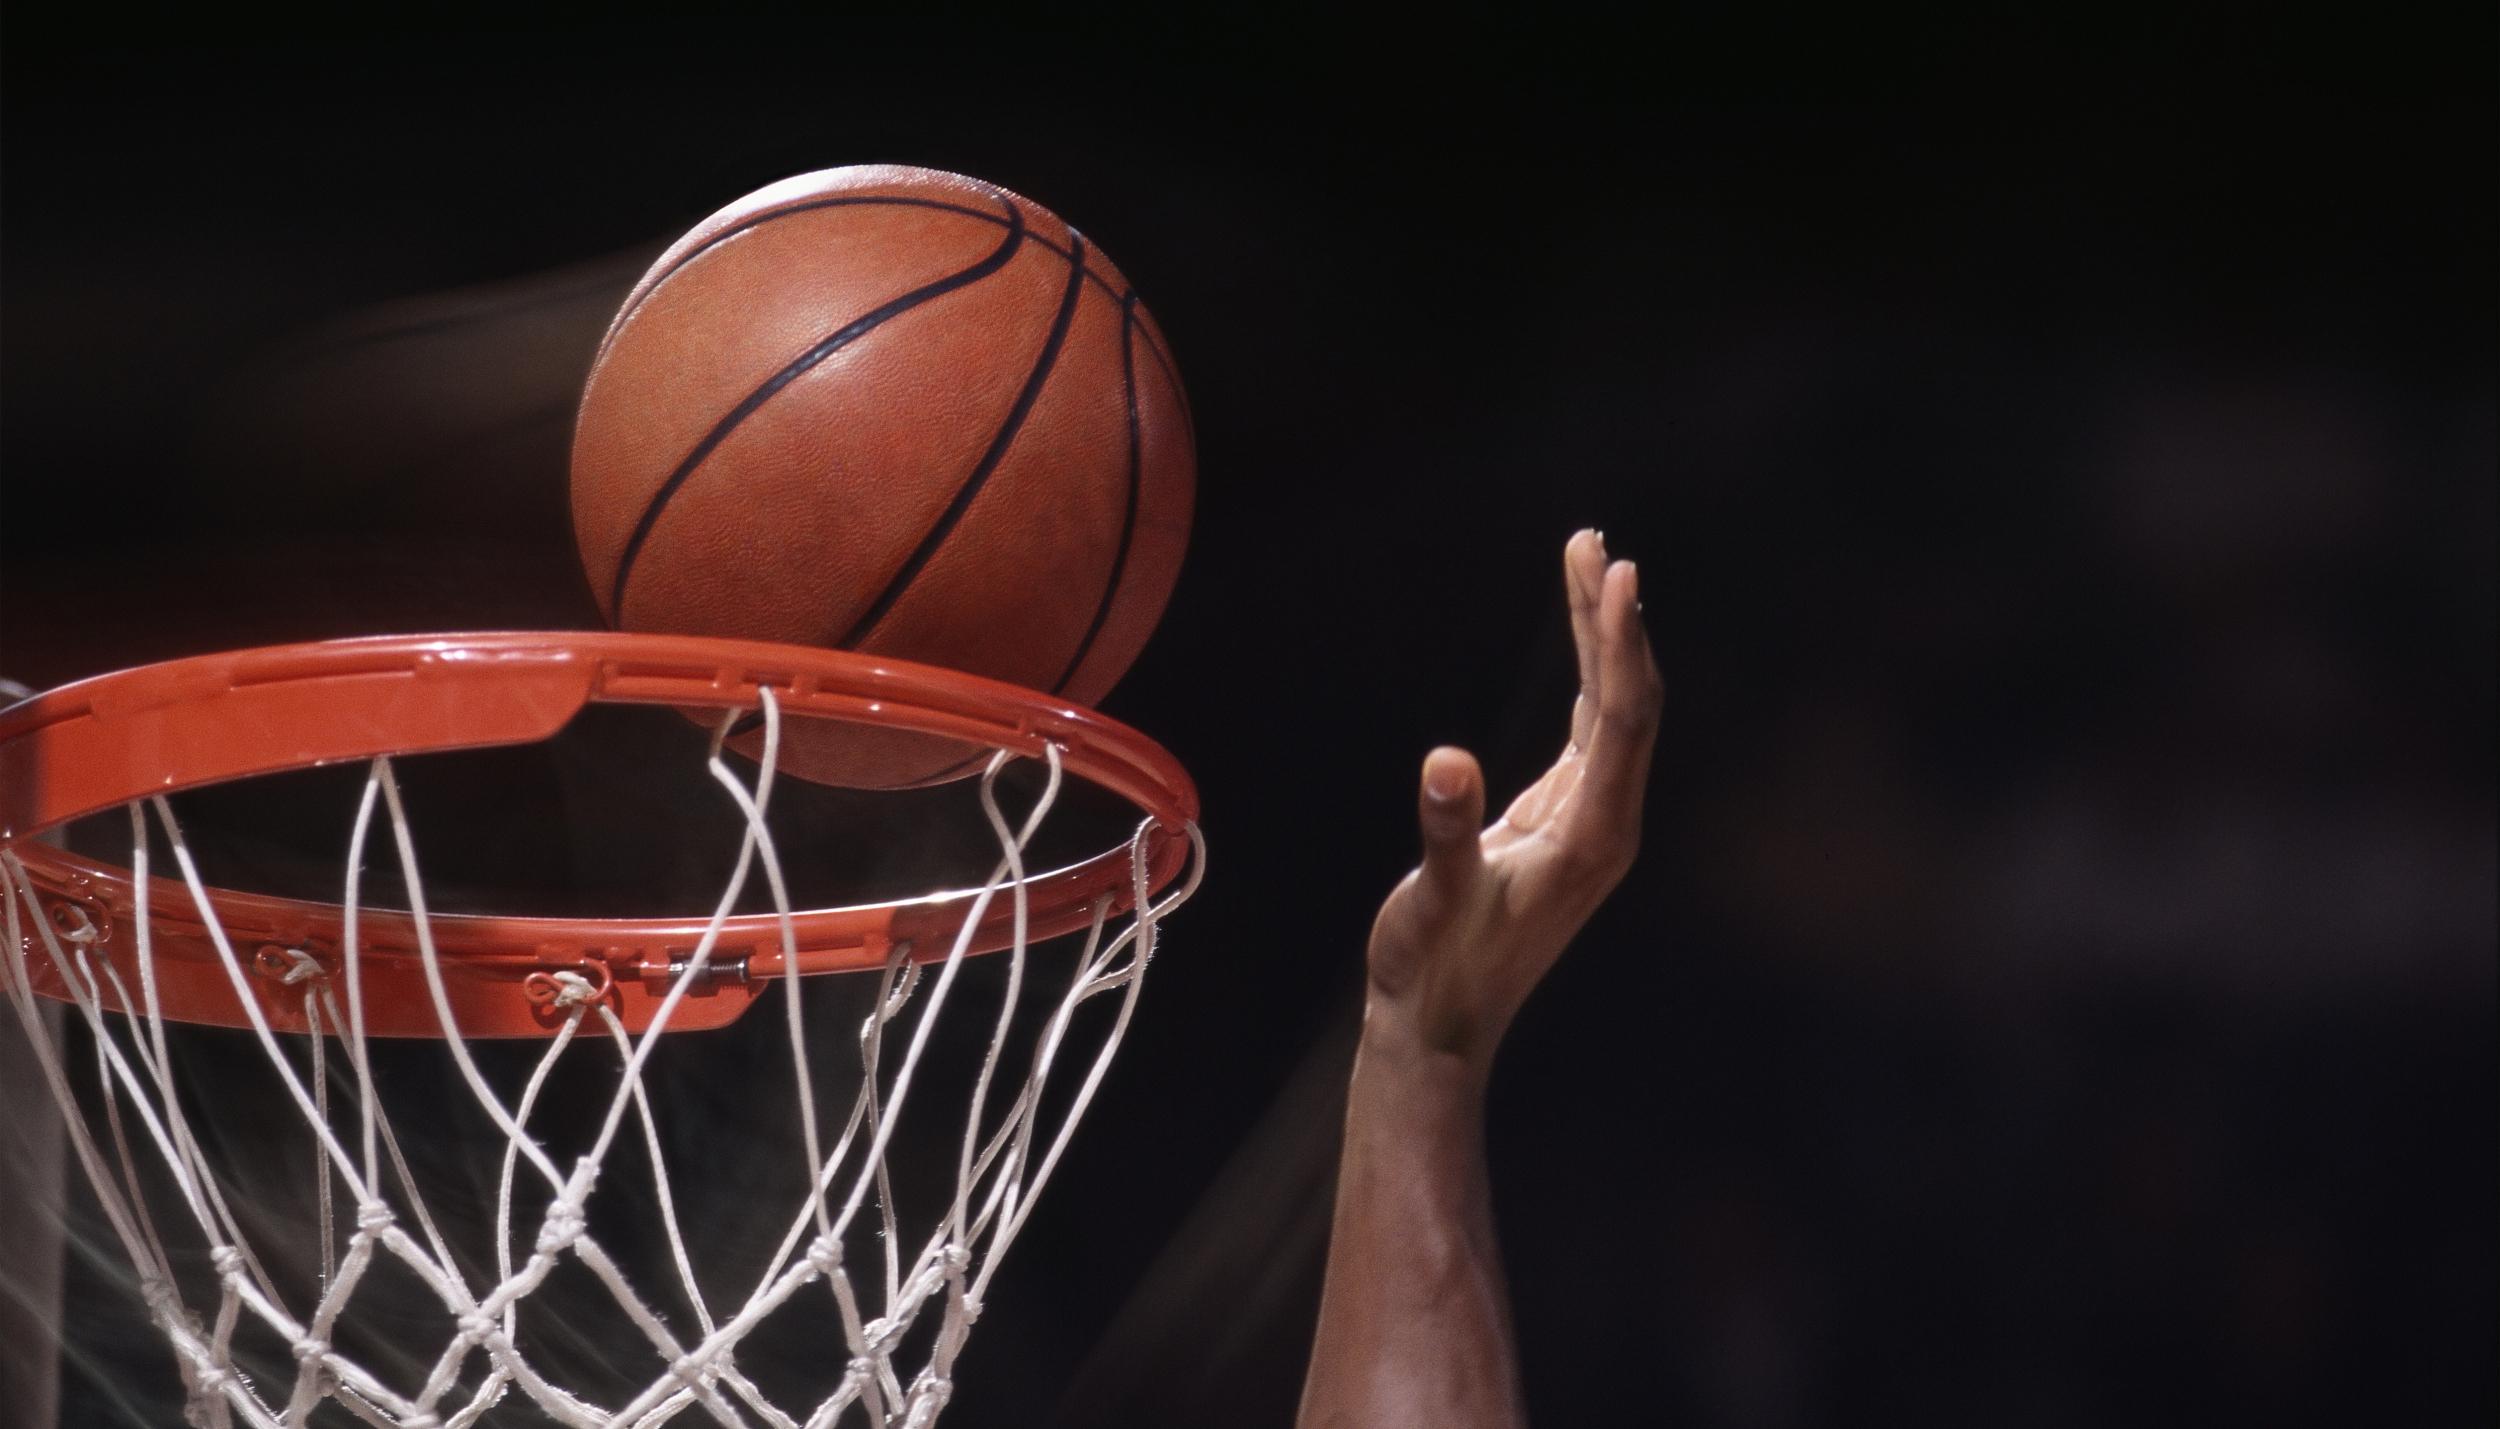 天富娱乐会员女篮球星兼职致富,从NBA评论员开始打造个人品牌